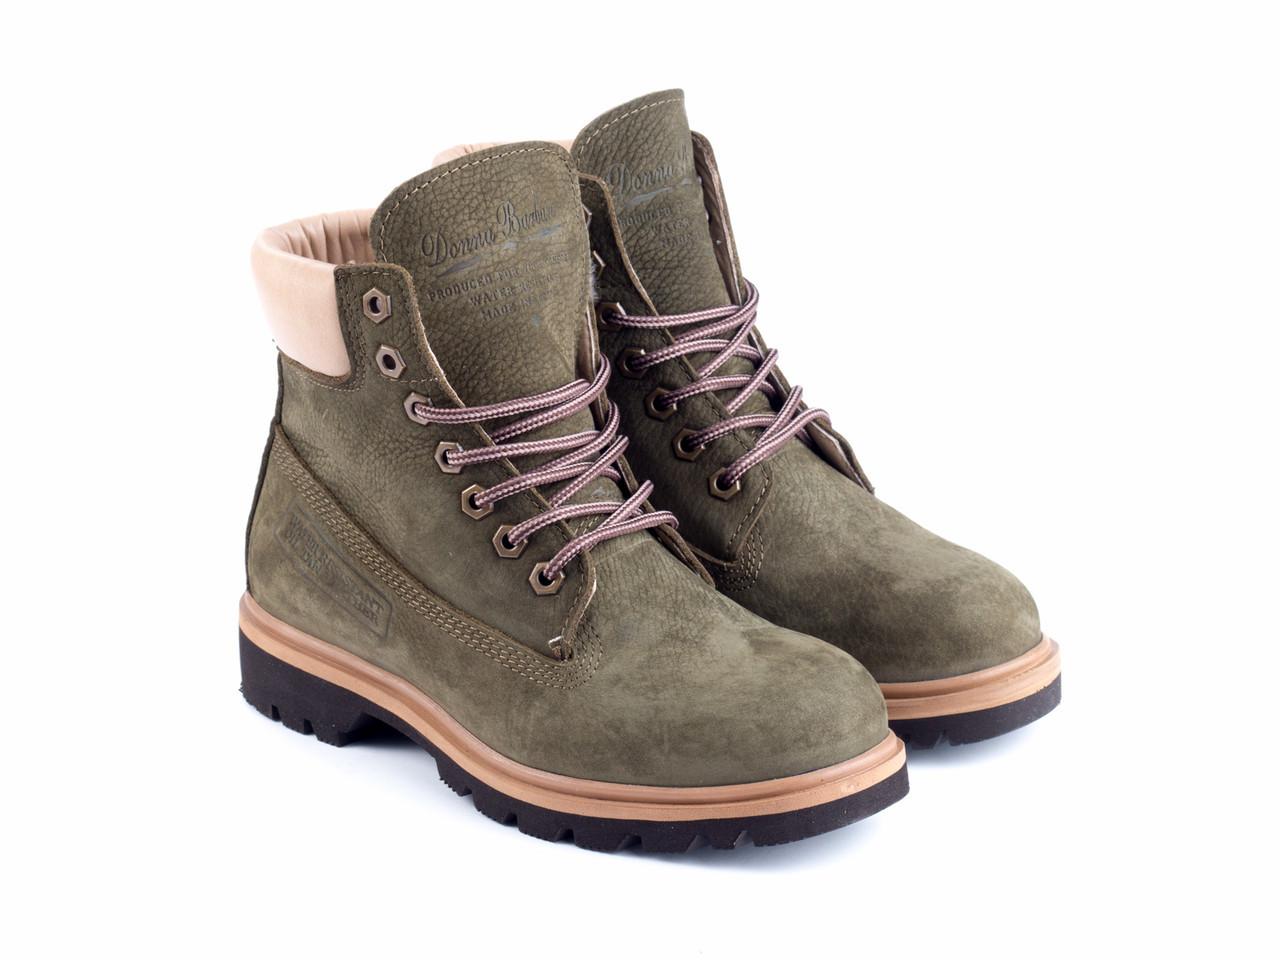 Ботинки Etor 5169-105-383 37 зеленые